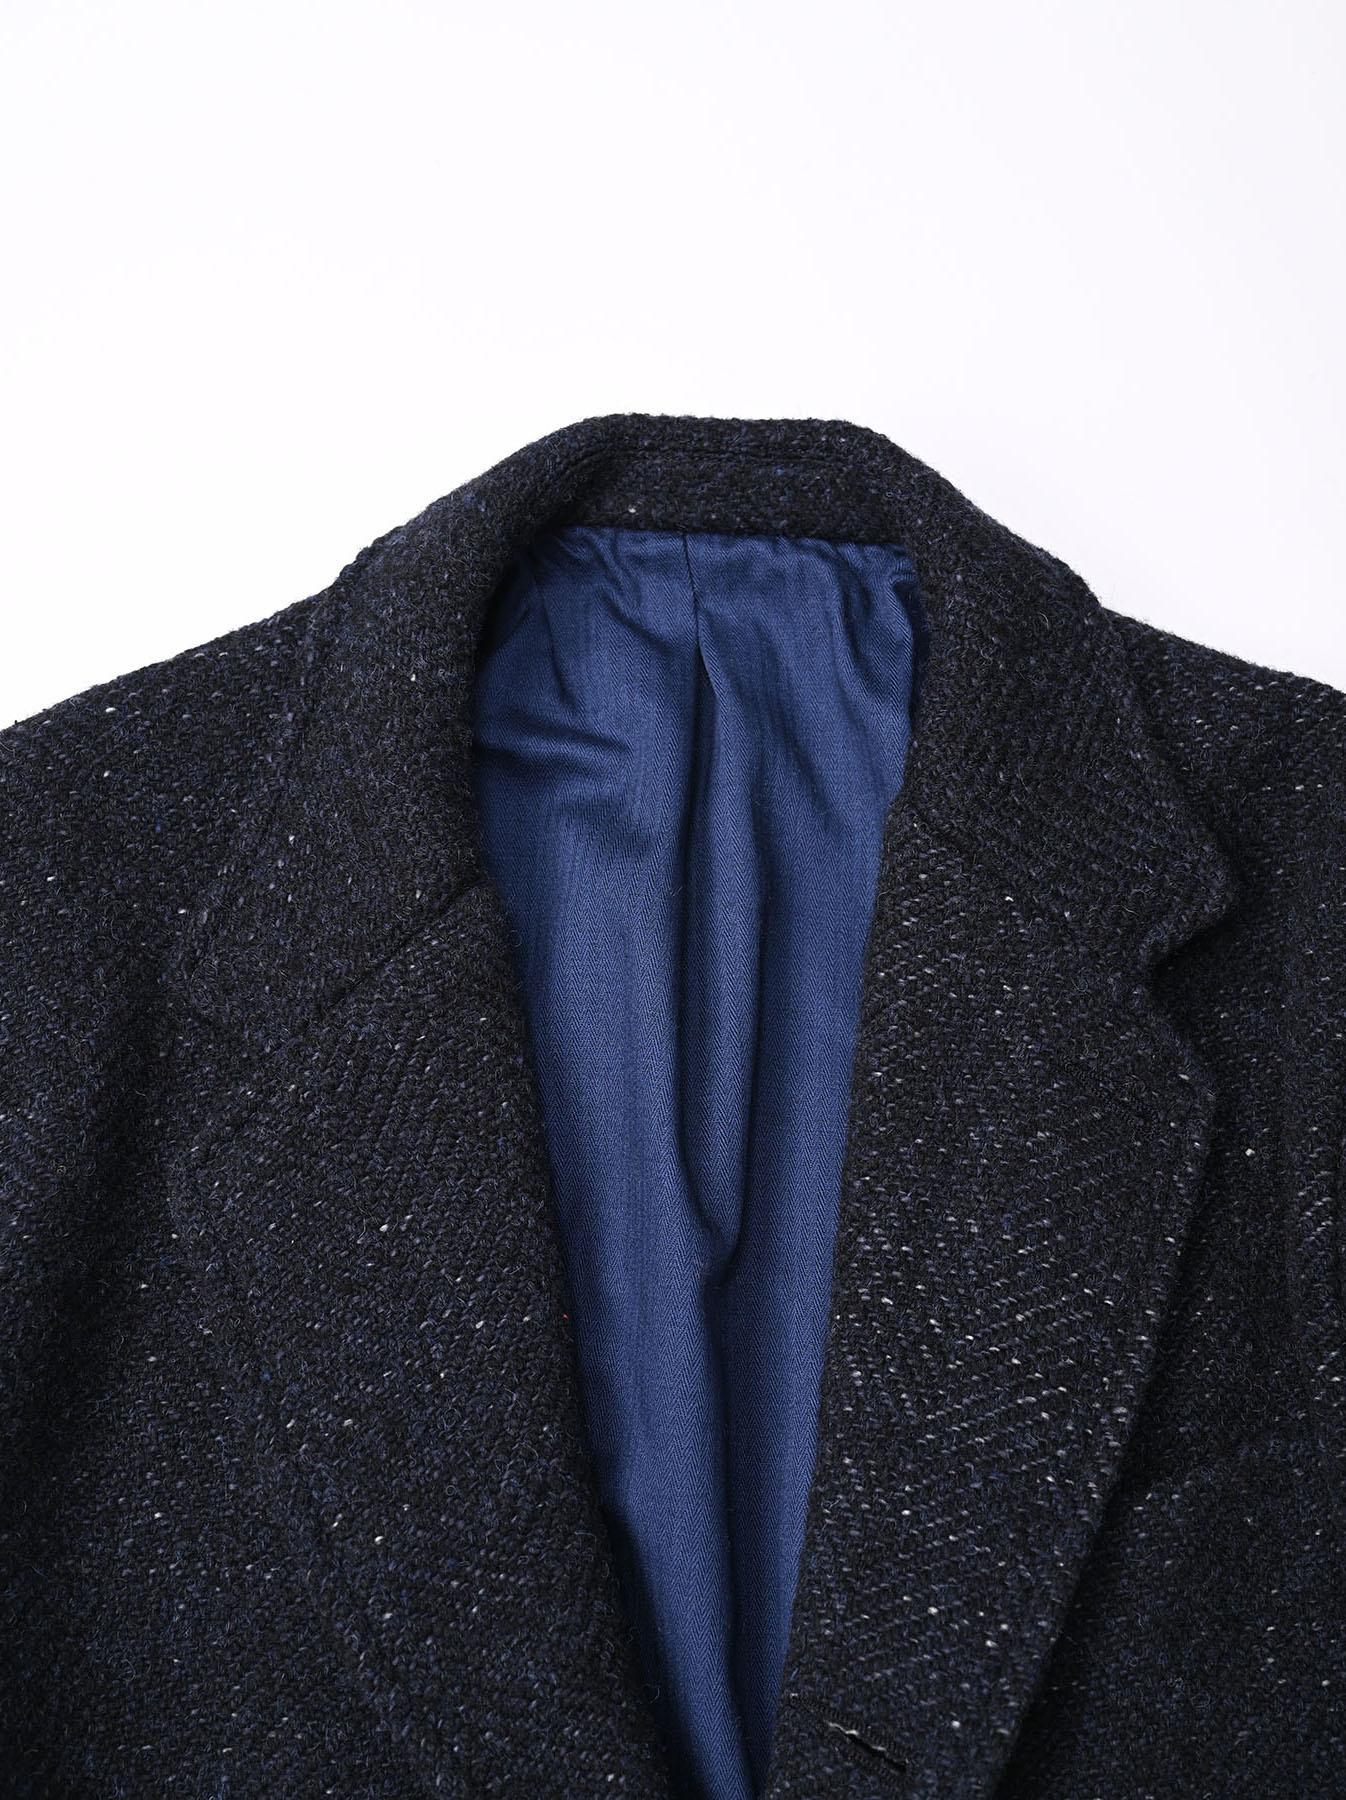 Indigo Tweed Melton Asama Jacket-4